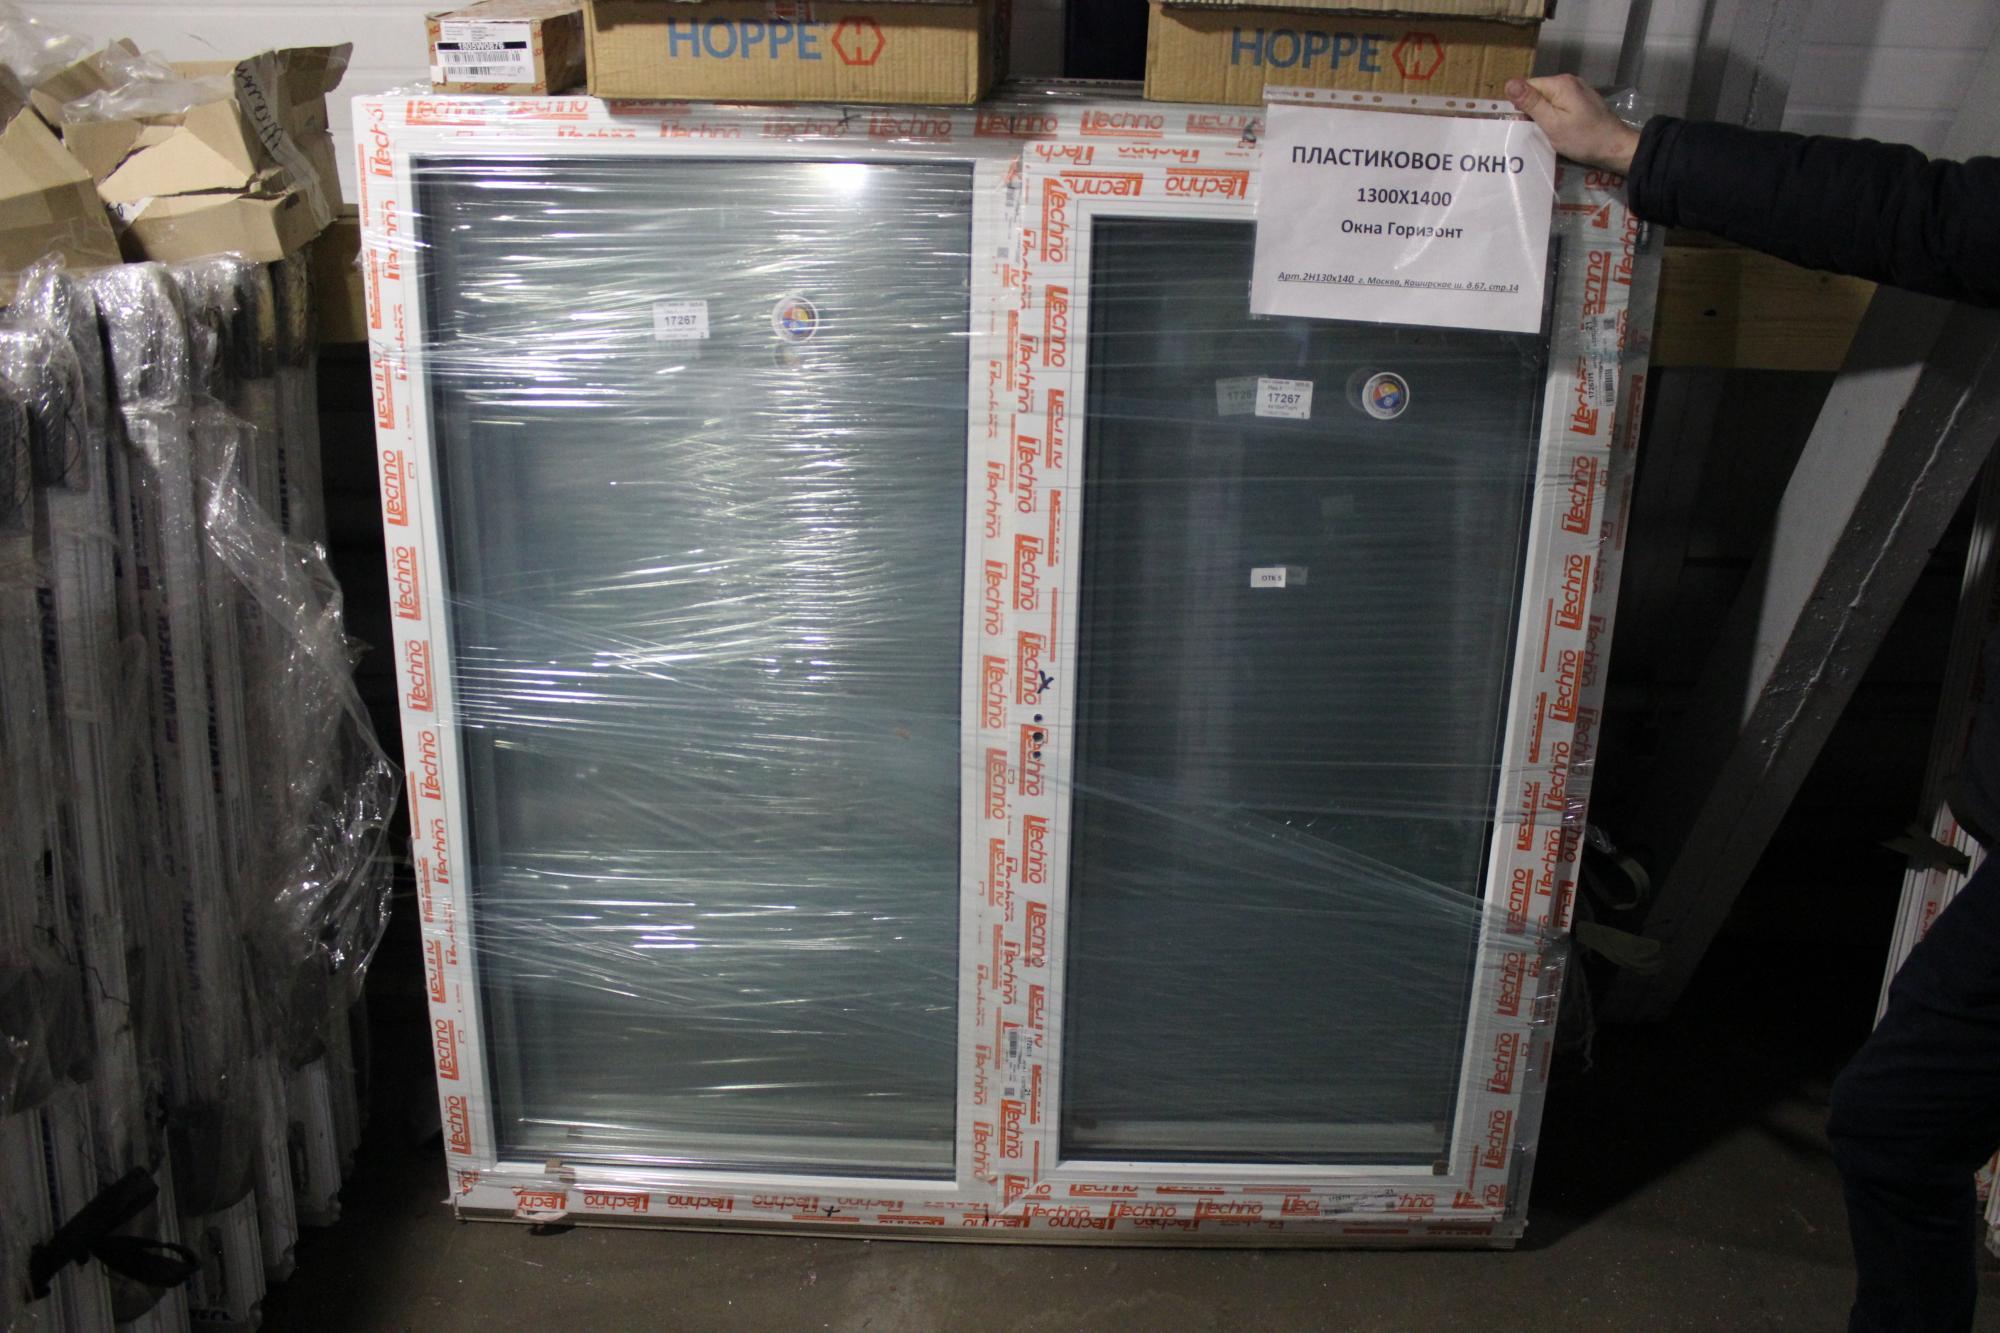 Готовое окно двухстворчатое 1300x1400 (ШxВ) в Москве 89253899134 купить 1